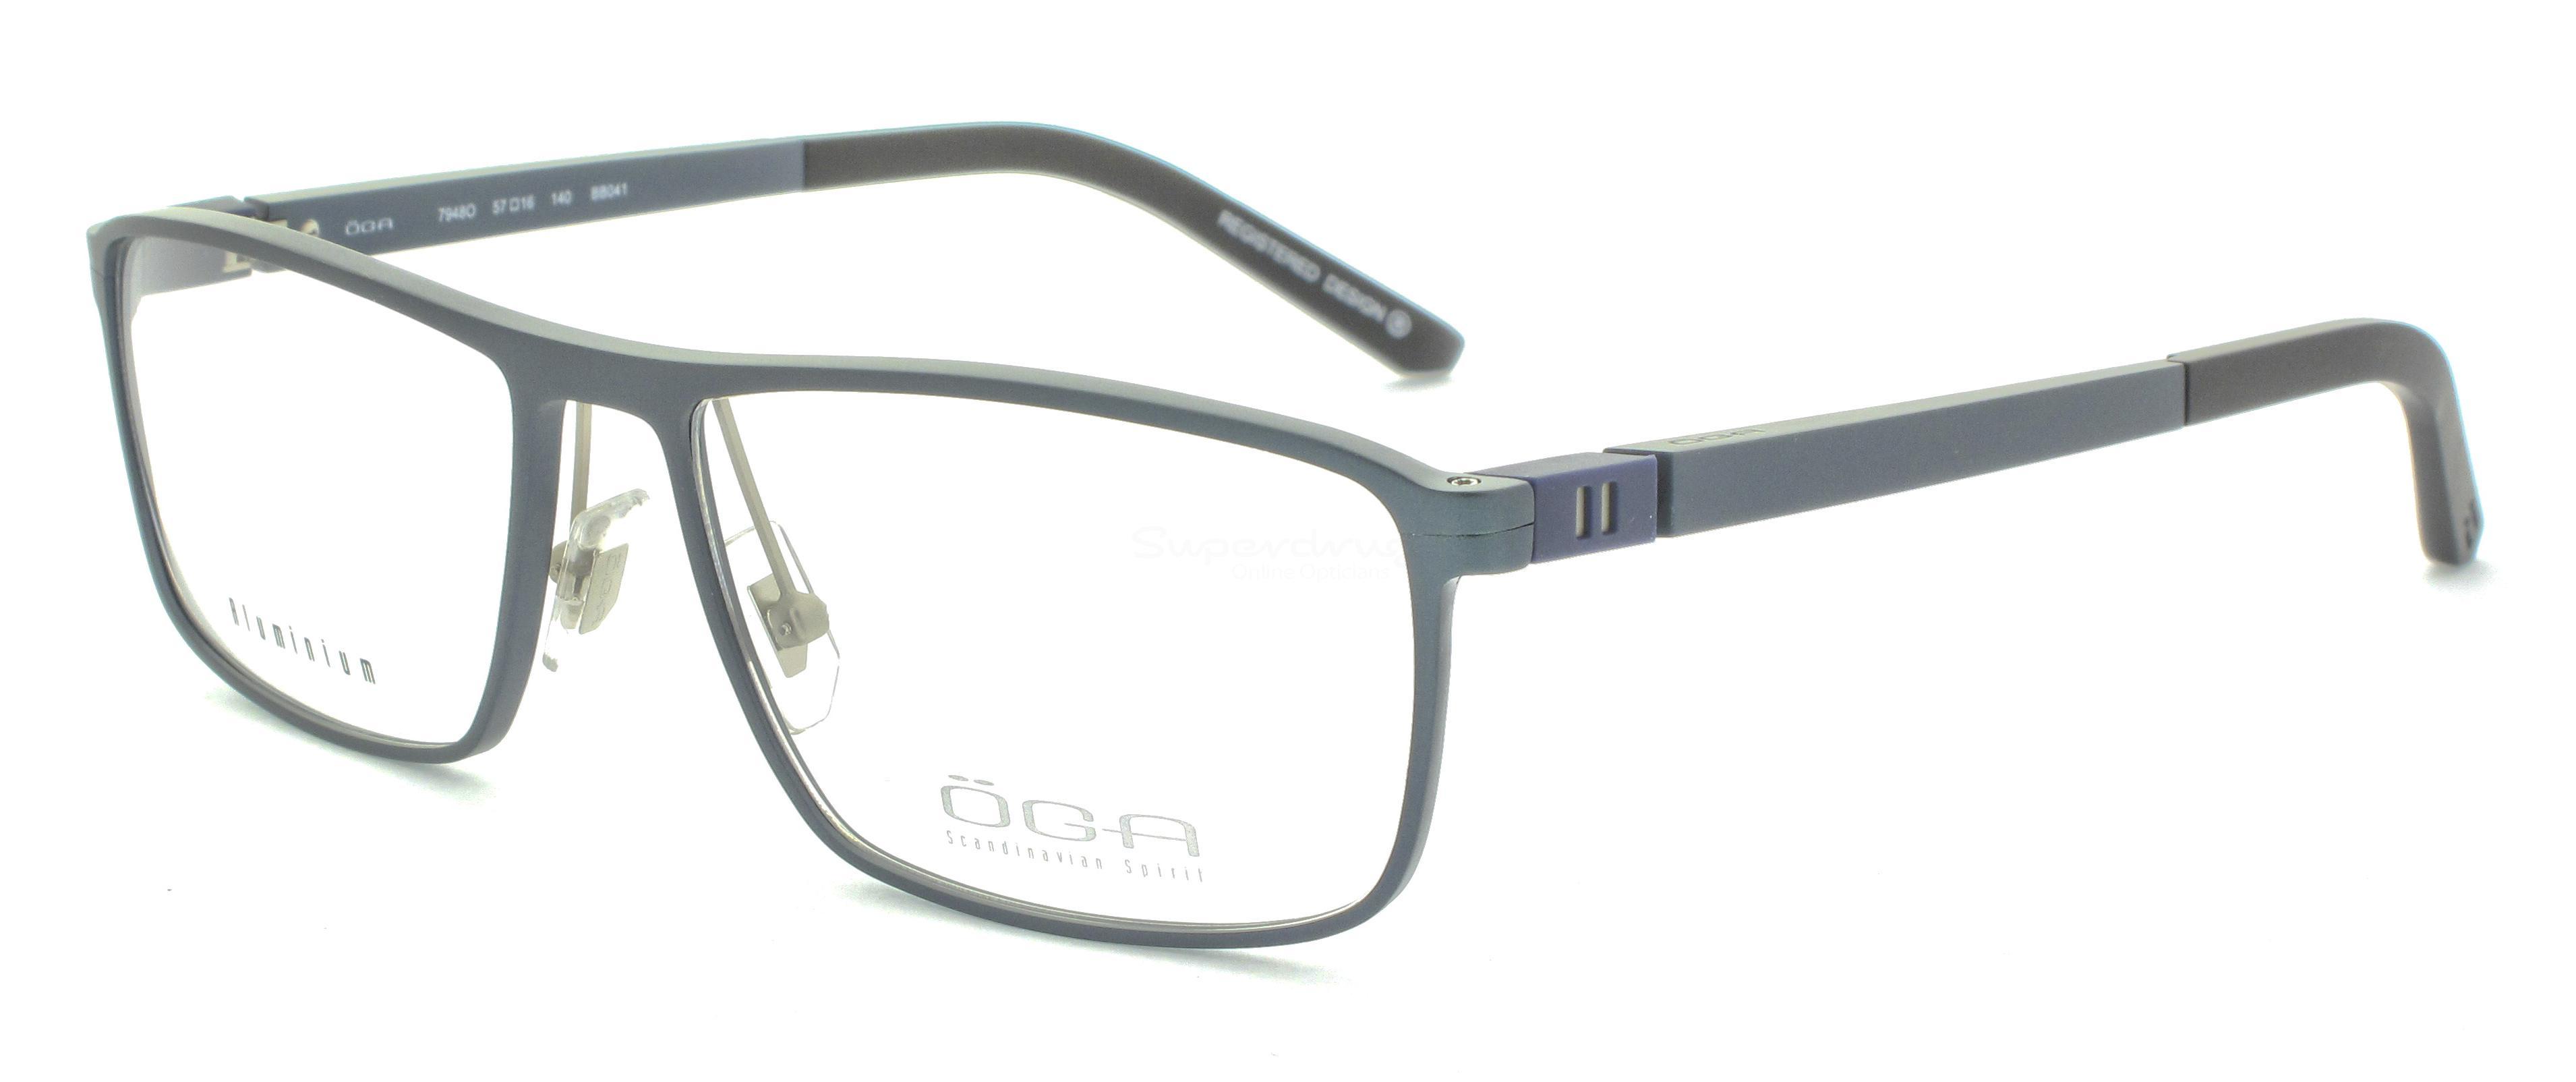 BB041 7948O SKARP (FULL  ALUMINIUM) Glasses, ÖGA Scandinavian Spirit